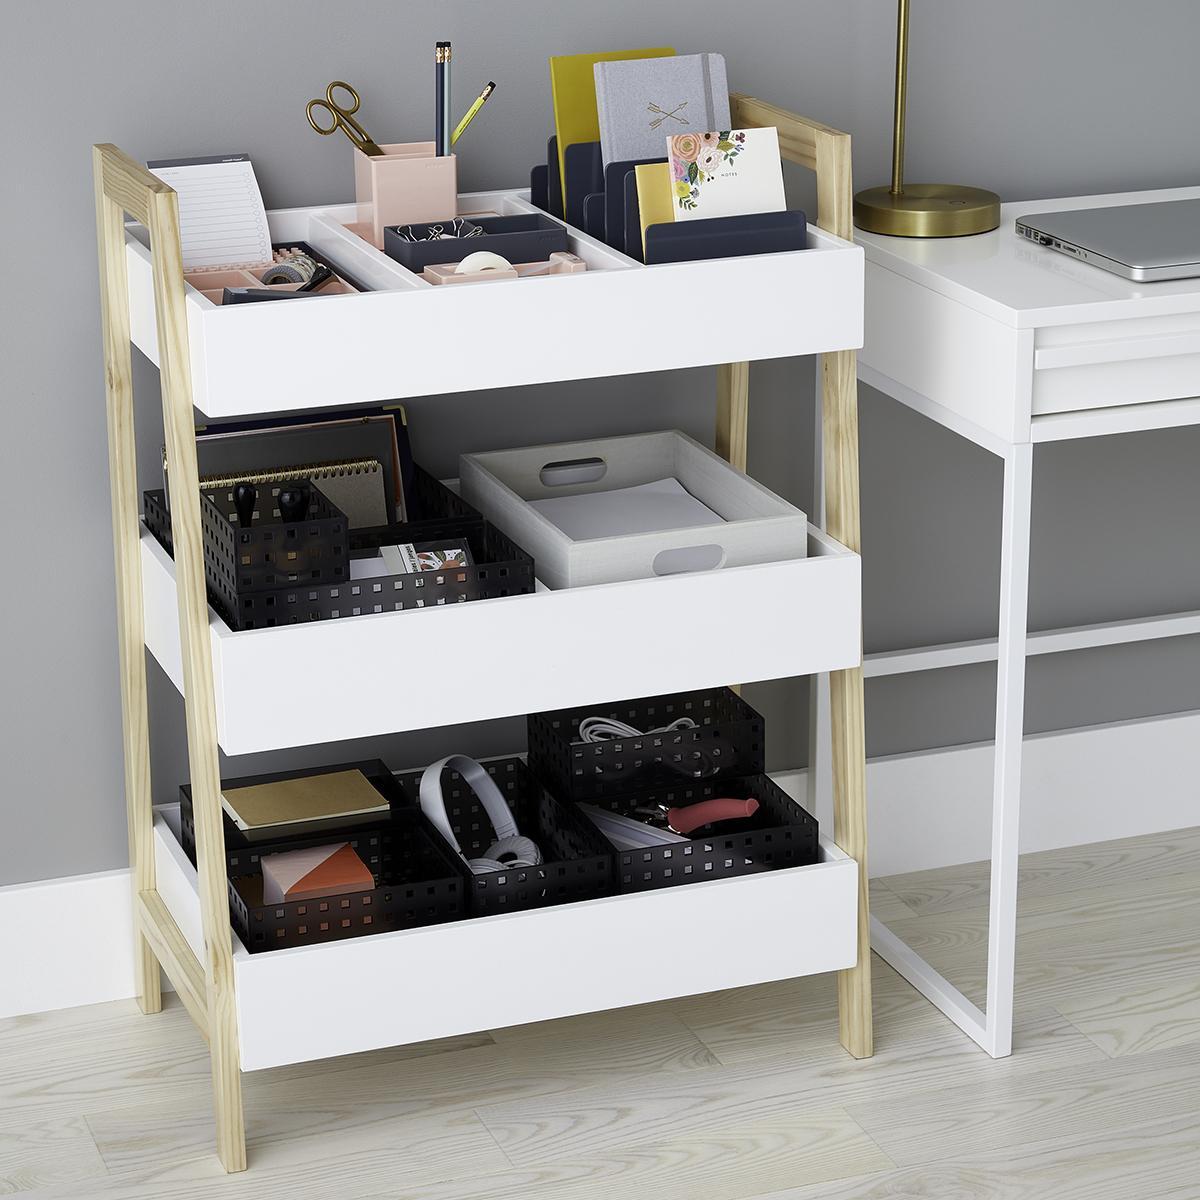 White Multi Purpose 3 Tier Shelf The Container Store